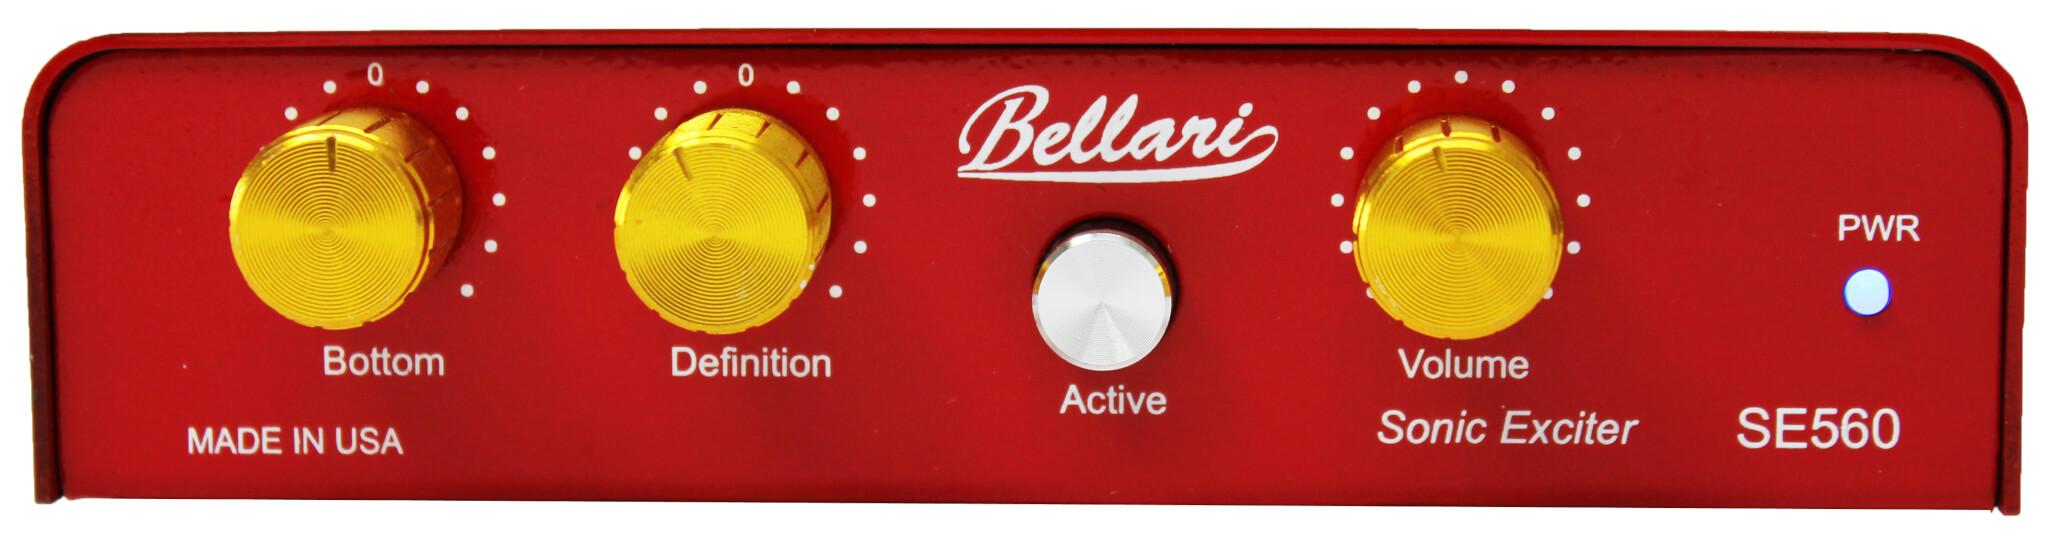 SE560 - Audio Sonic Exciter - Bellari Audio